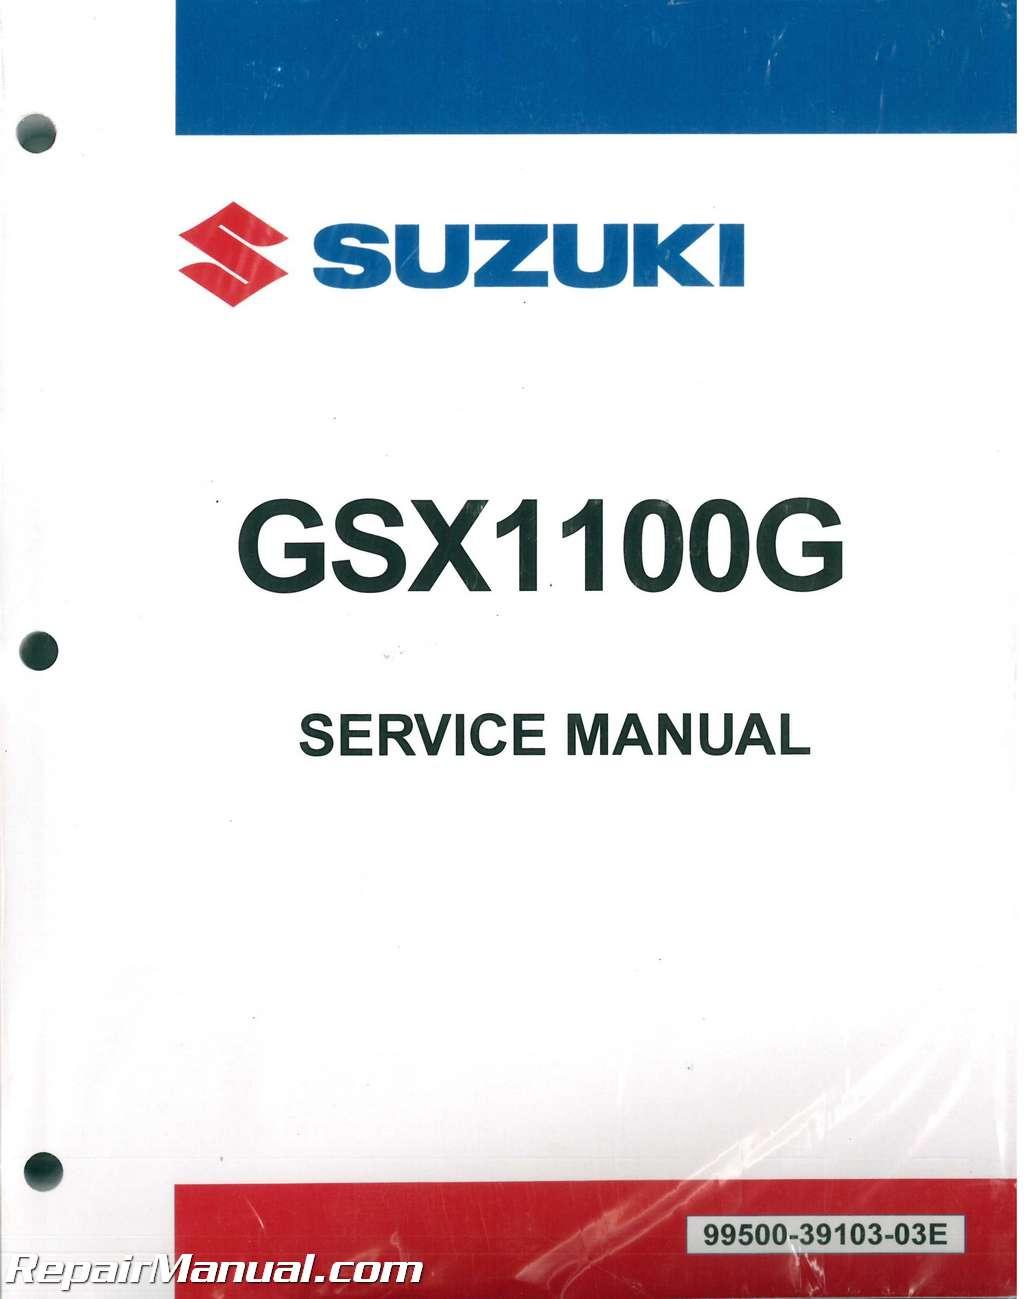 1991 1994 suzuki gsx1100g motorcycle service manual rh repairmanual com suzuki gsx 1100 g repair manual pdf suzuki gsx 1100 repair manual